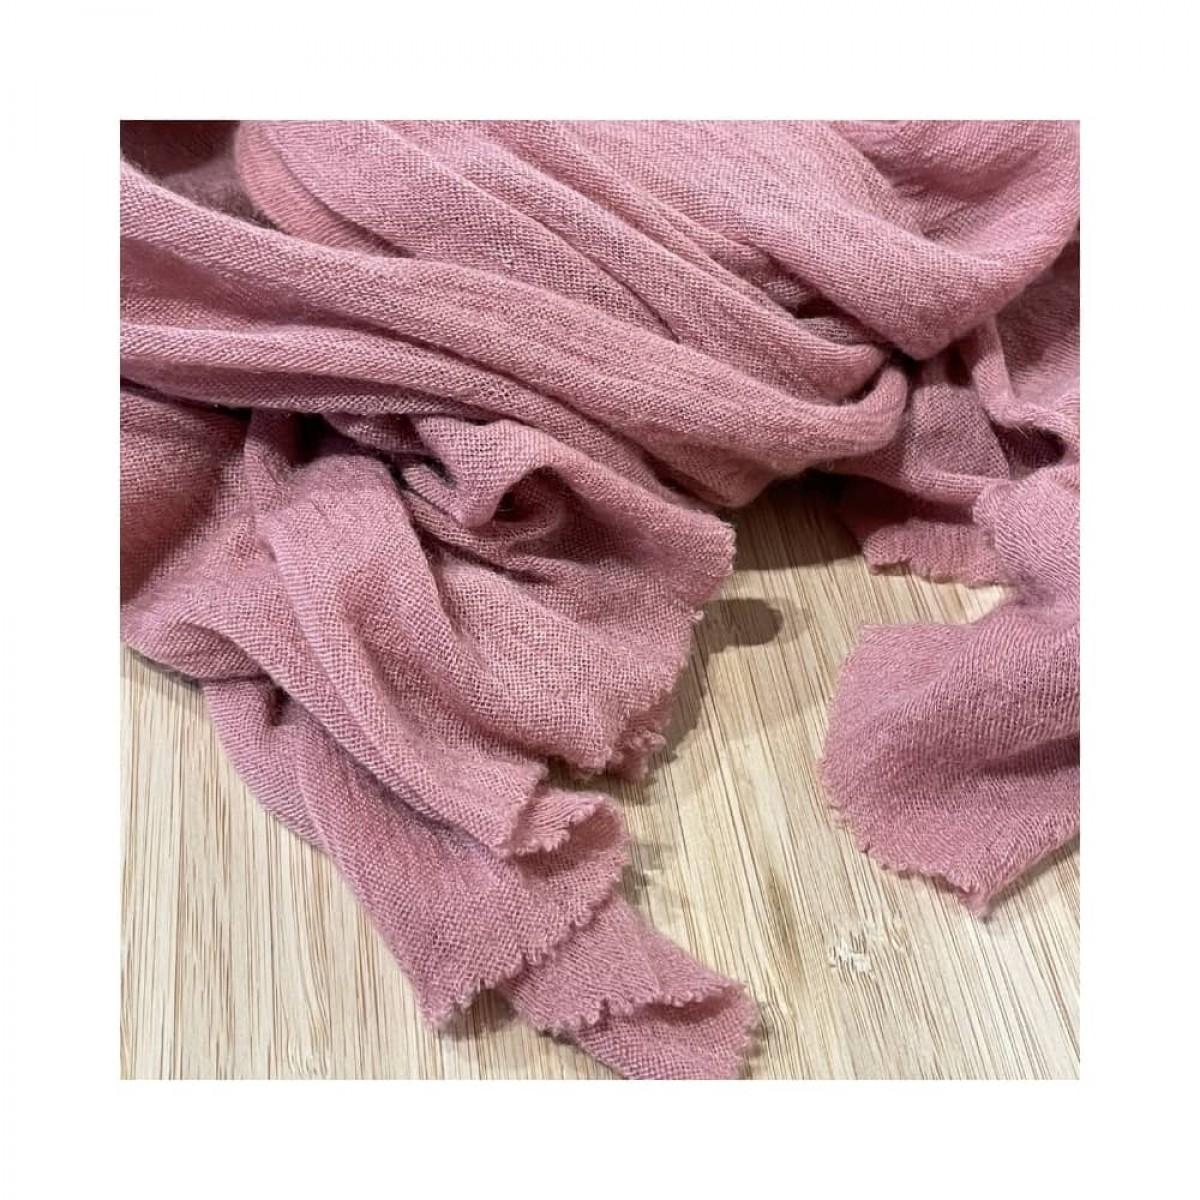 luxury m tørklæde - old pink - detalje